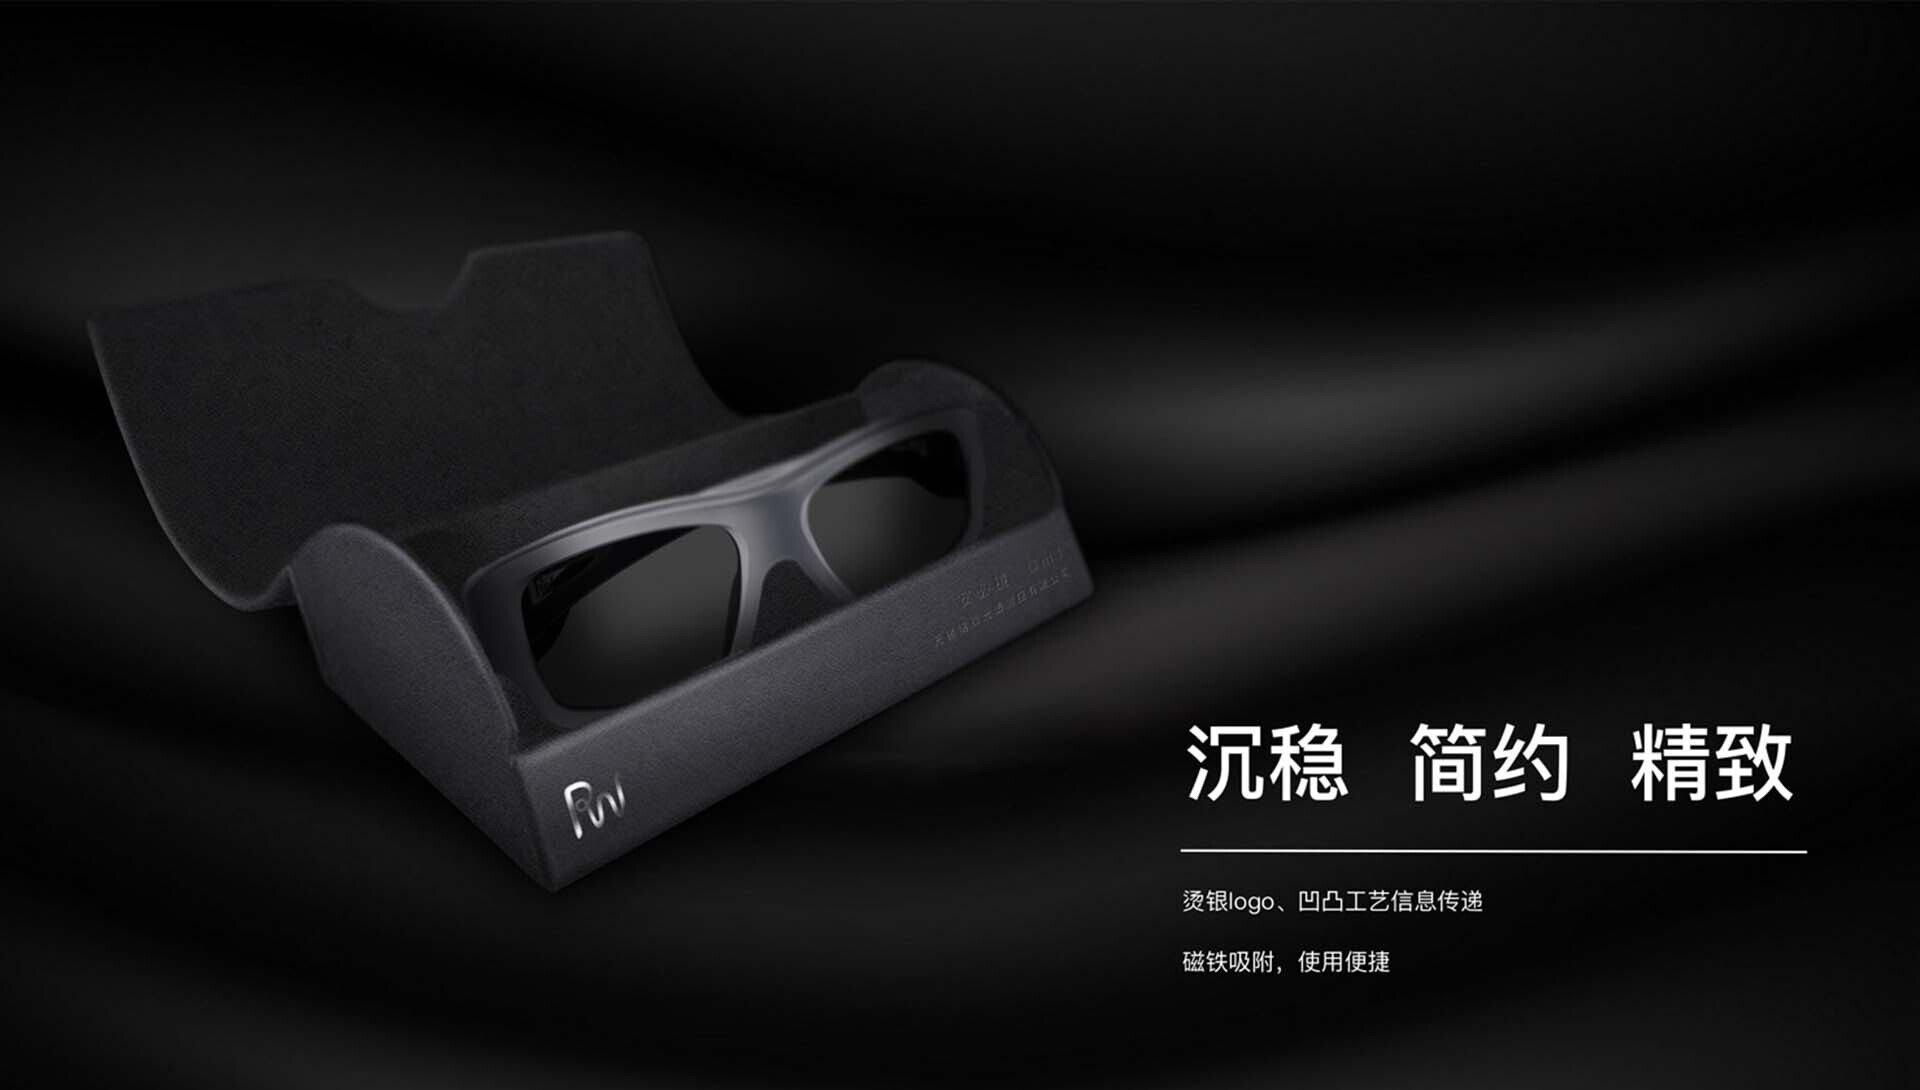 苏州工业设计公司合作新模式